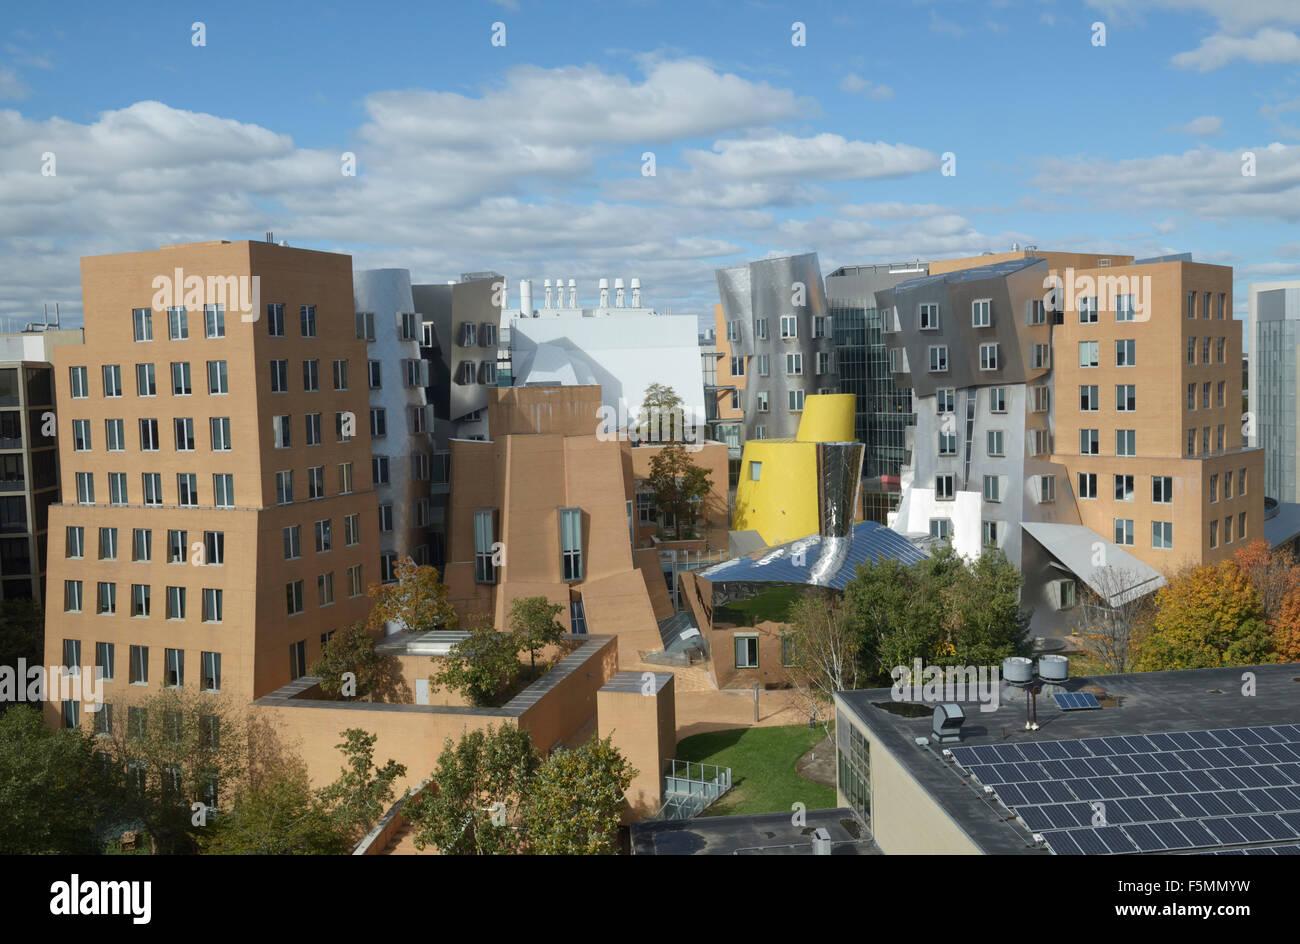 Ray and Maria Stata Center, edificio en el campus del MIT. Diseñado por Frank Gehry. Arquitectura Deconstructivist Imagen De Stock